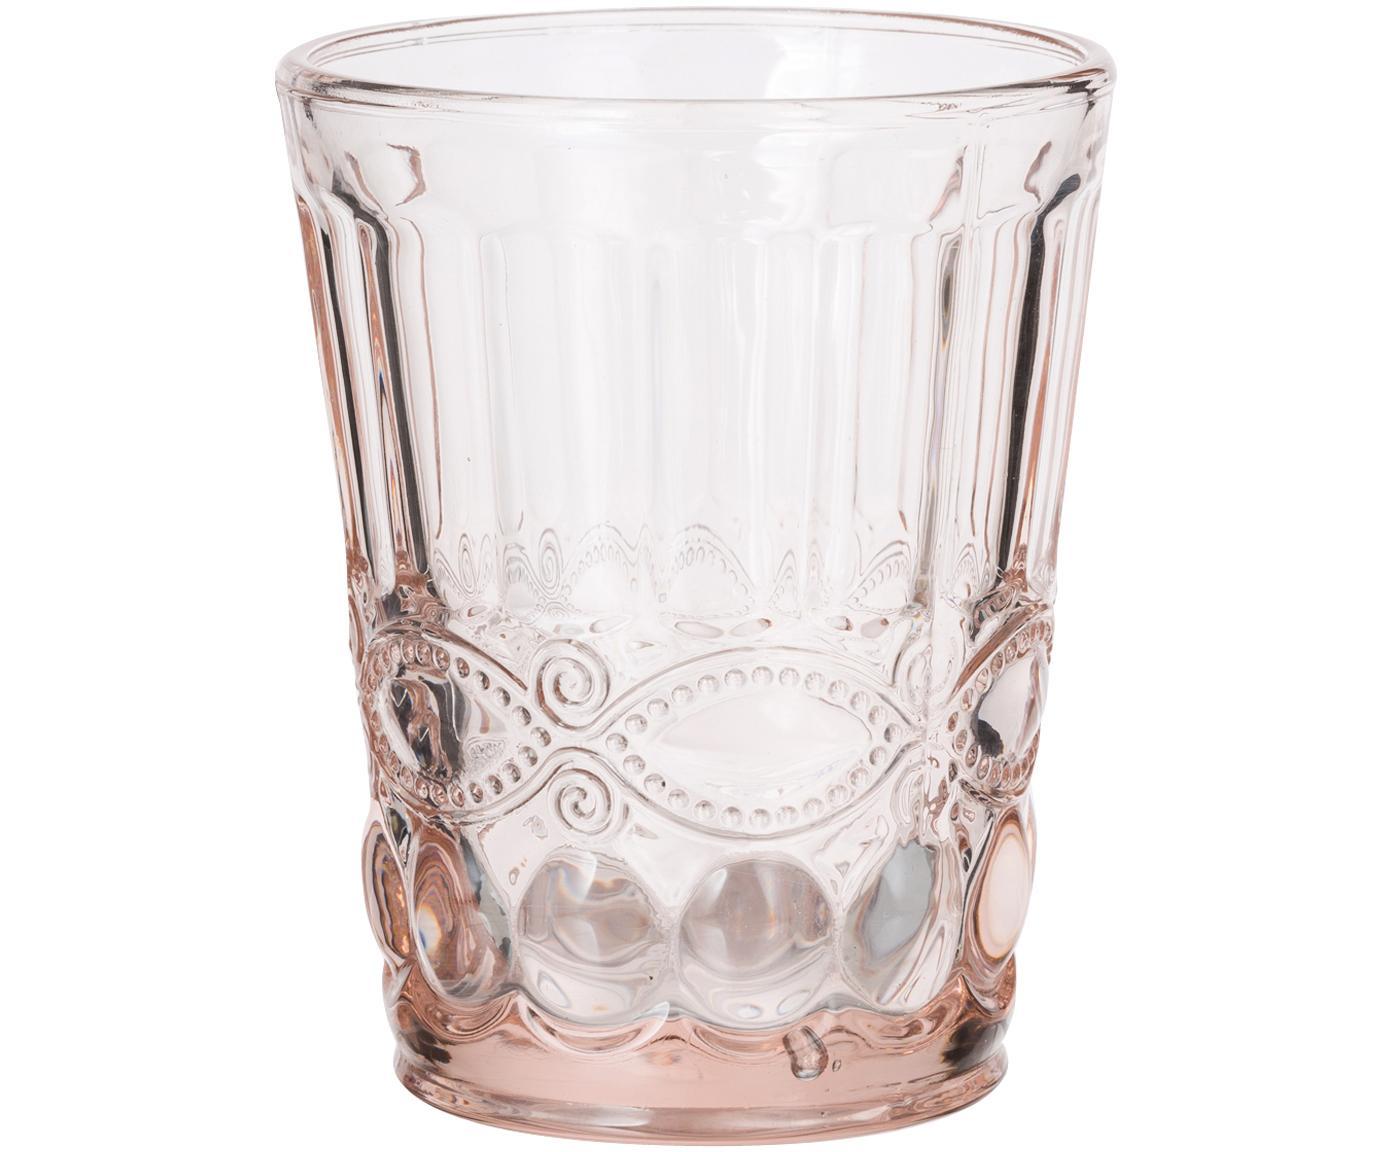 Bicchiere acqua con motivo a rilievo 6 pz, Vetro, Trasparente, rosa, 265 ml